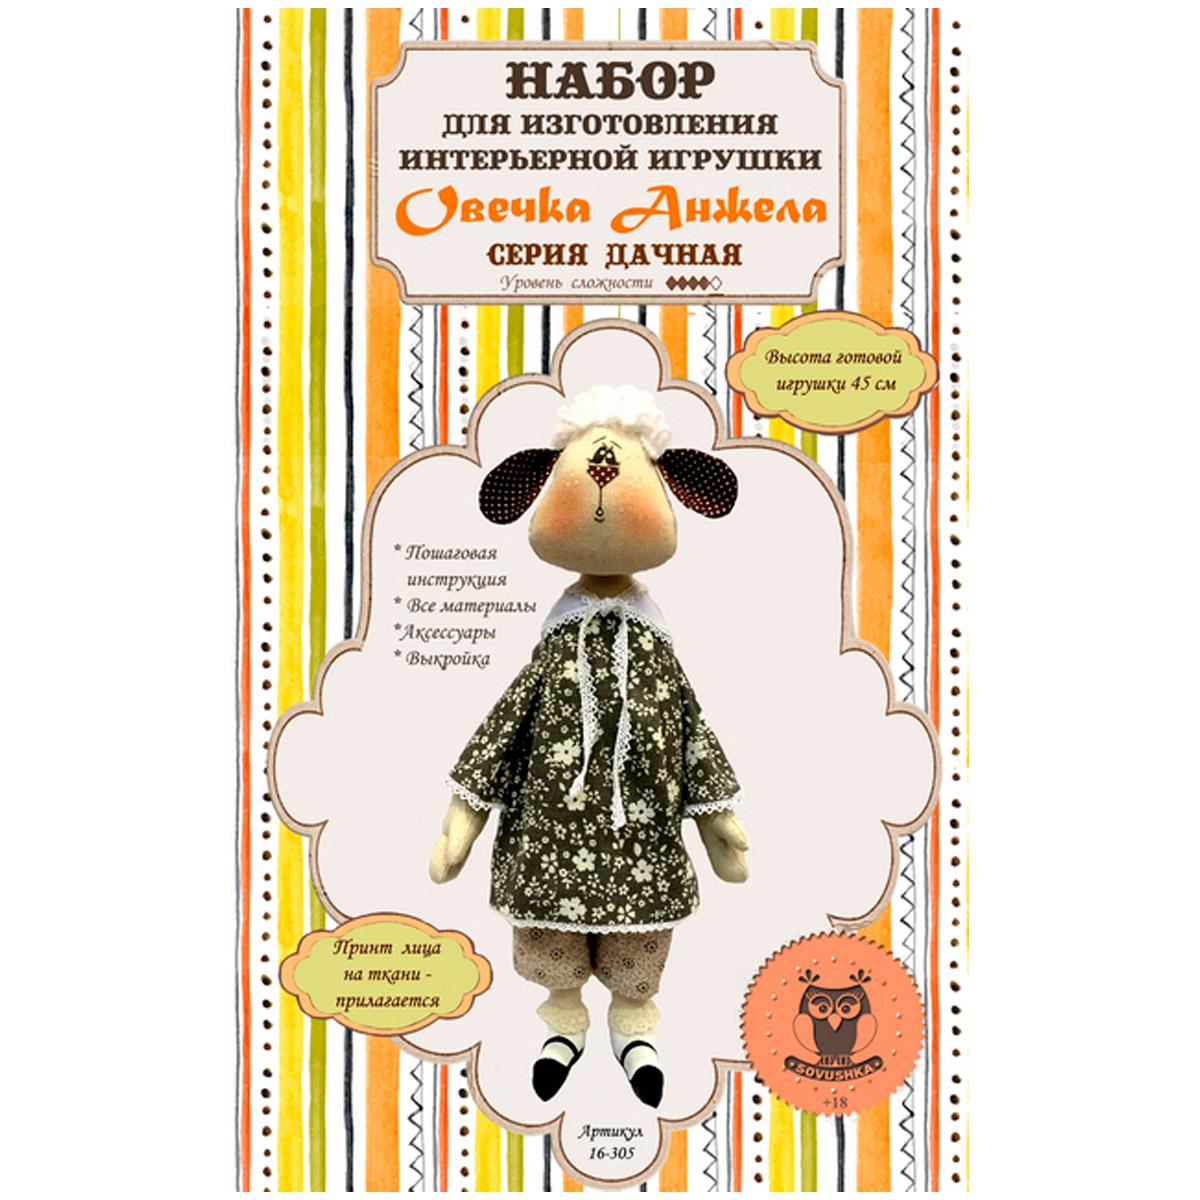 16-305 Набор для изготовления интерьерной игрушки 'Овечка Анжела', 45см